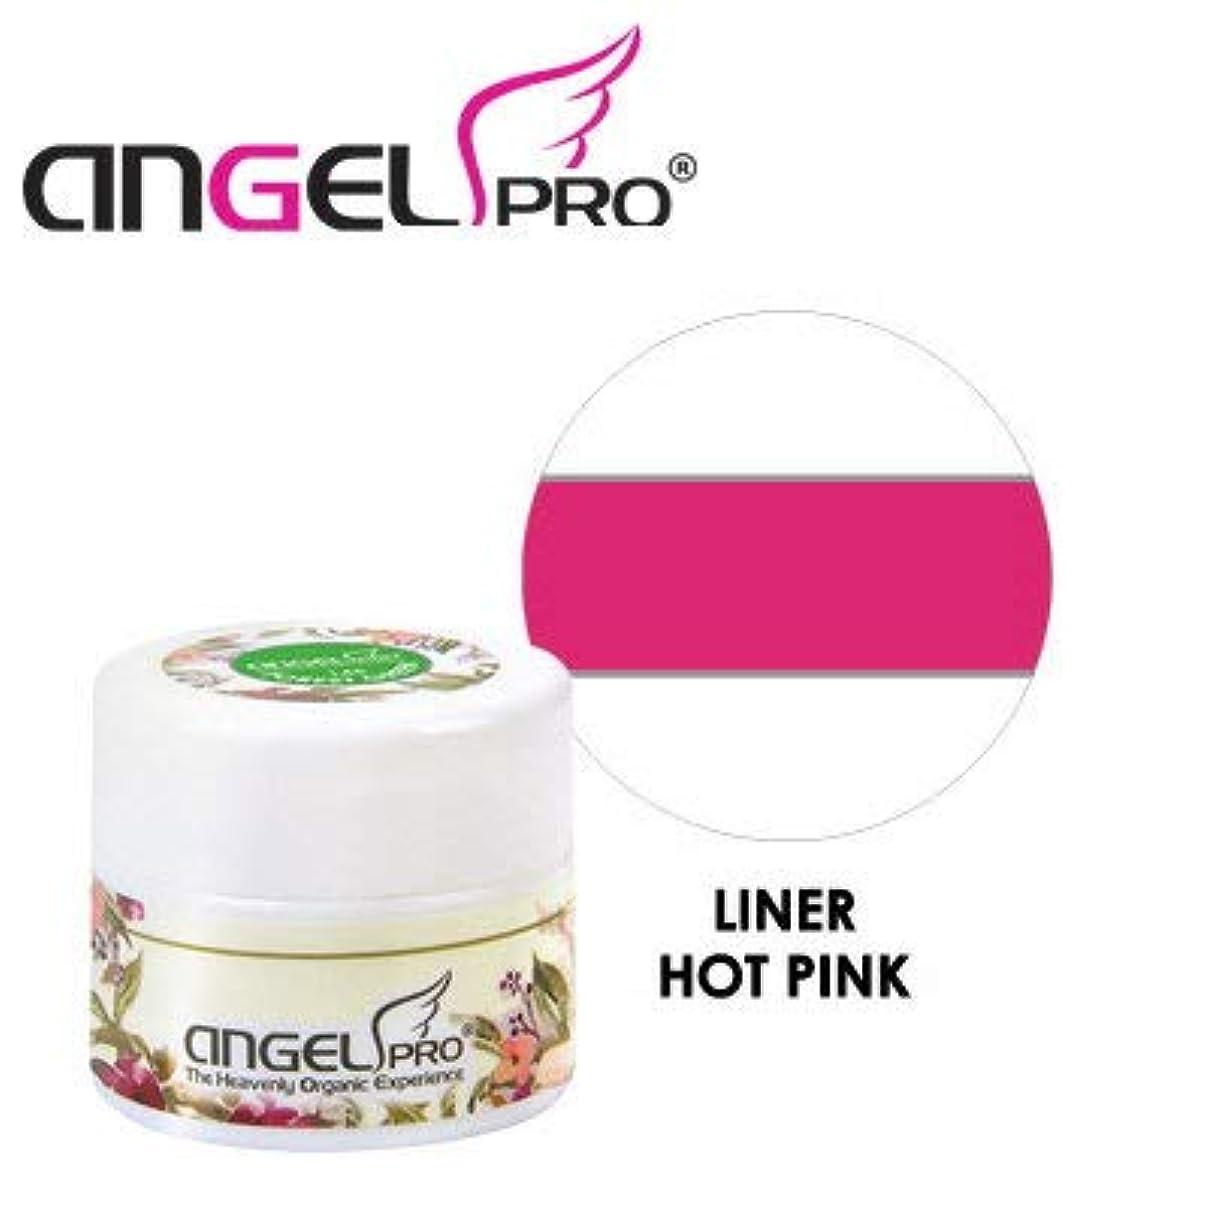 シンポジウム役職大陸ANGEL PRO ポットジェリー LINER HOT PINK 4g